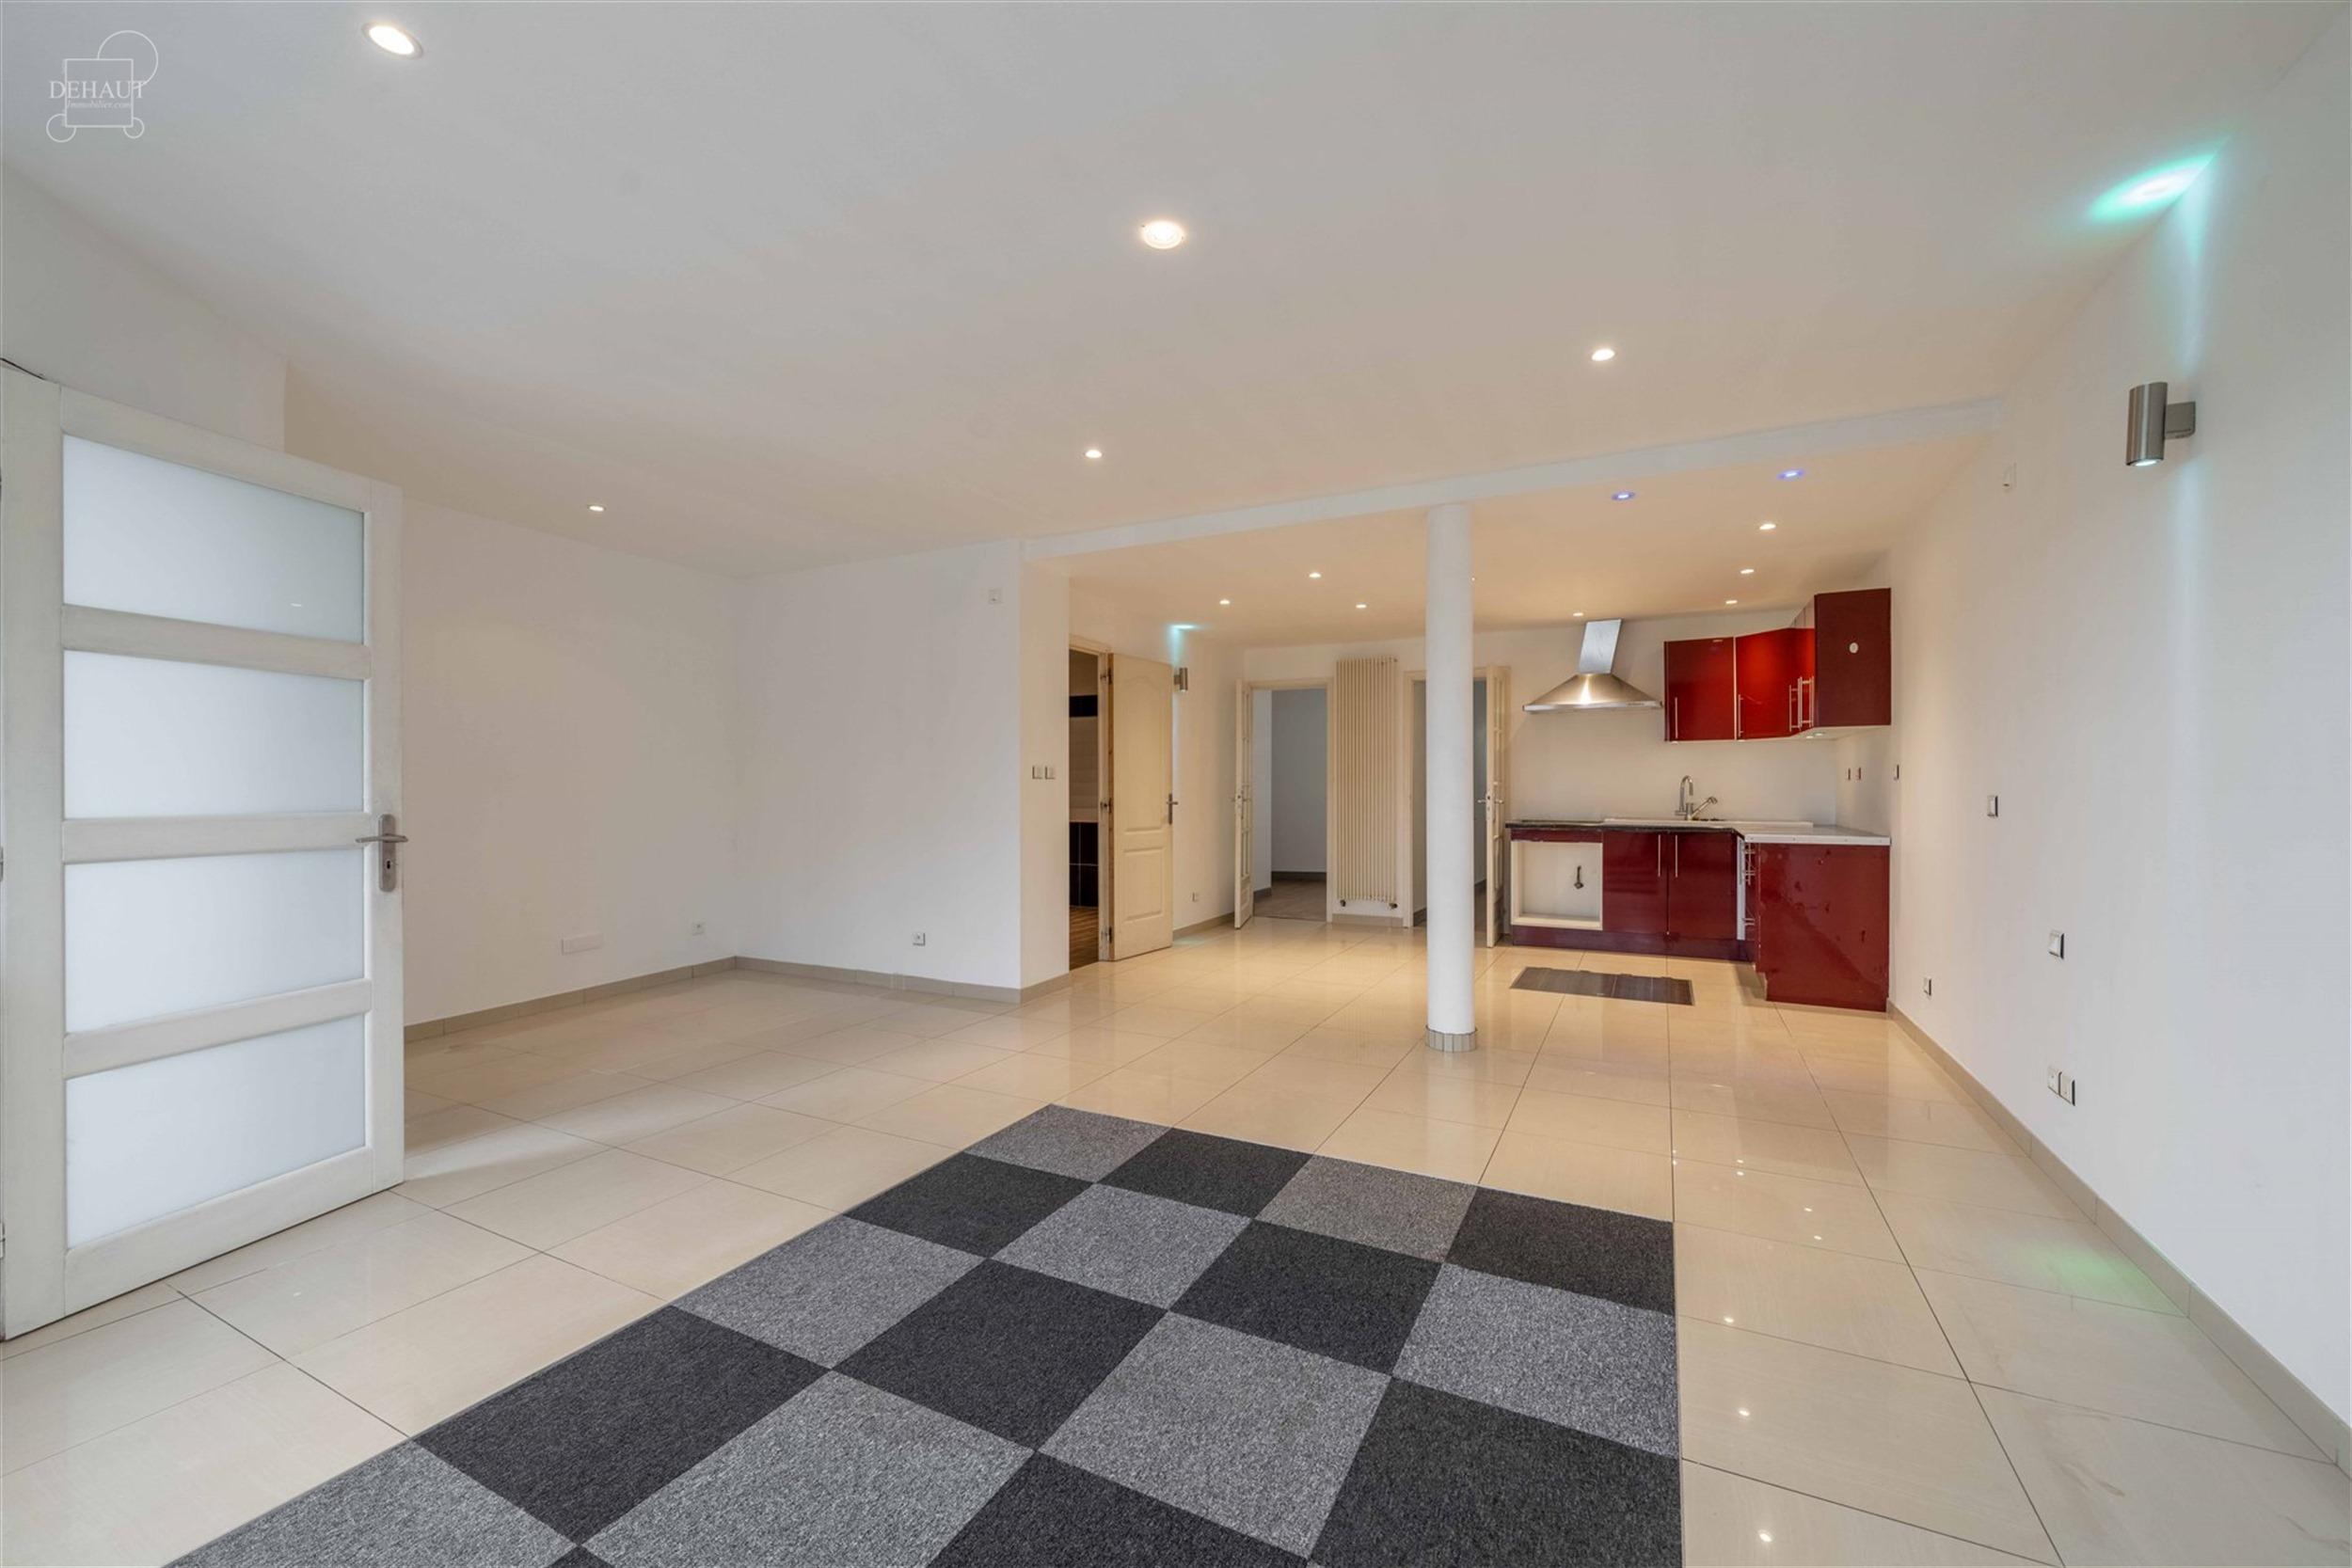 Maison d'habitation multifamiliale décomposée en 2 appartements d'env. 69m² et 75m². Au RDC, l'immeuble propose une habitation avec hall d'entré...